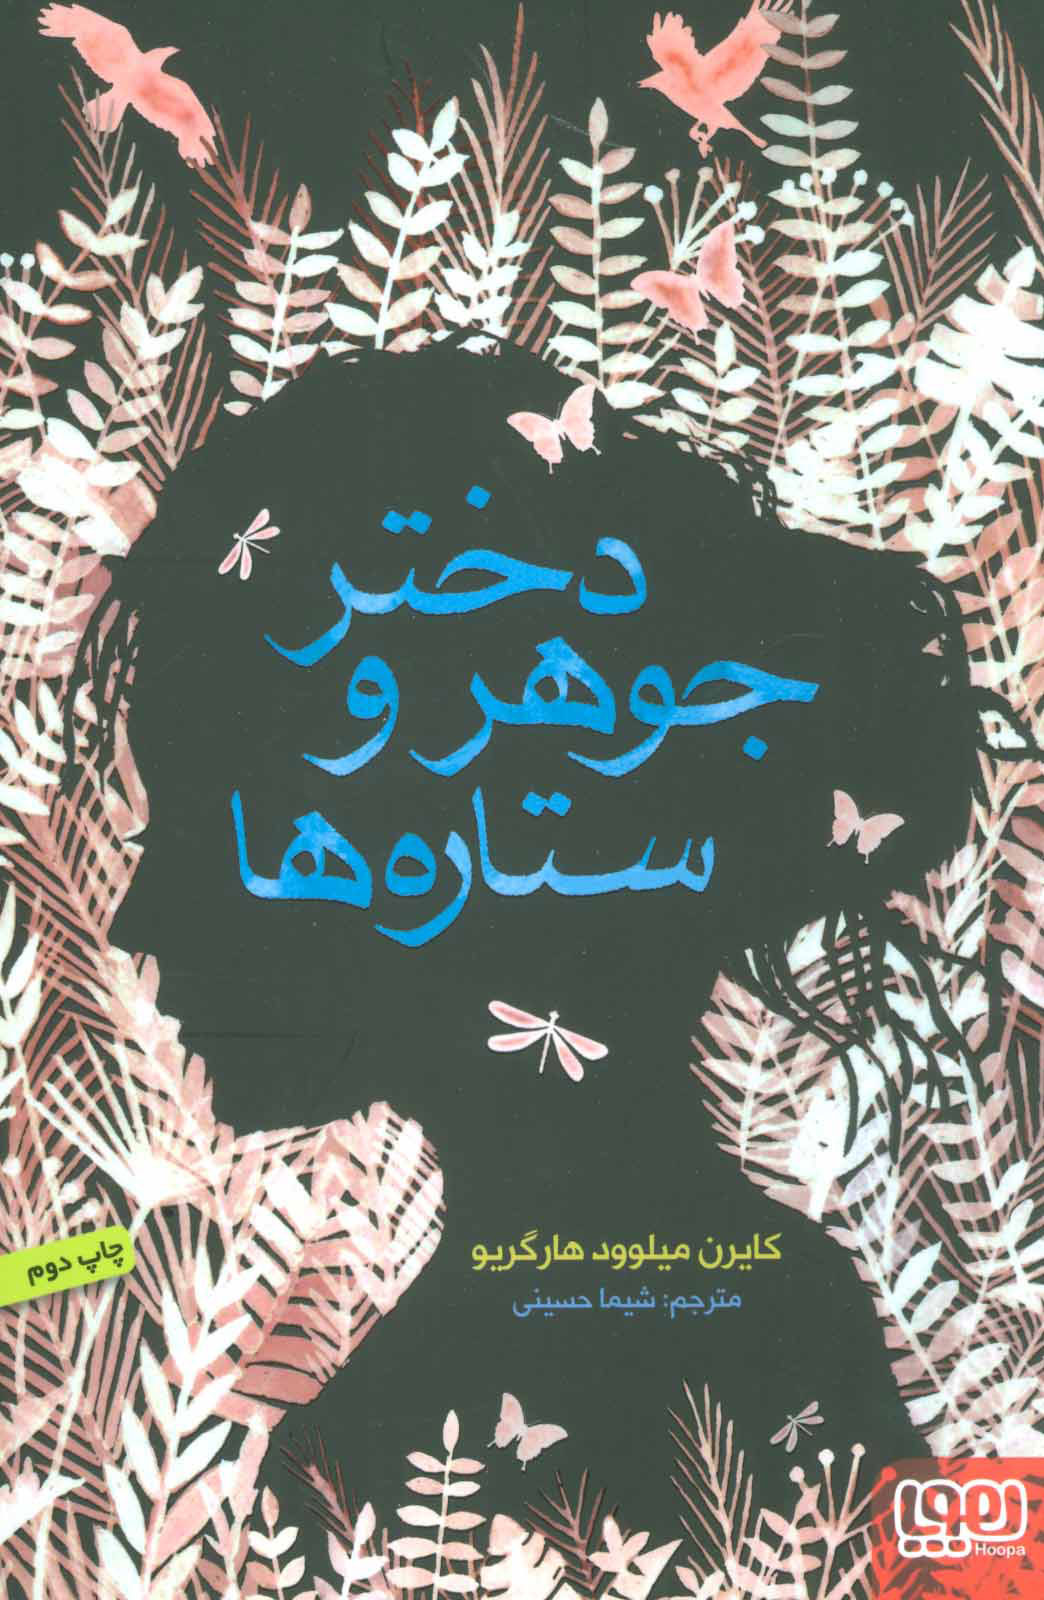 کتاب دختر جوهر و ستاره ها